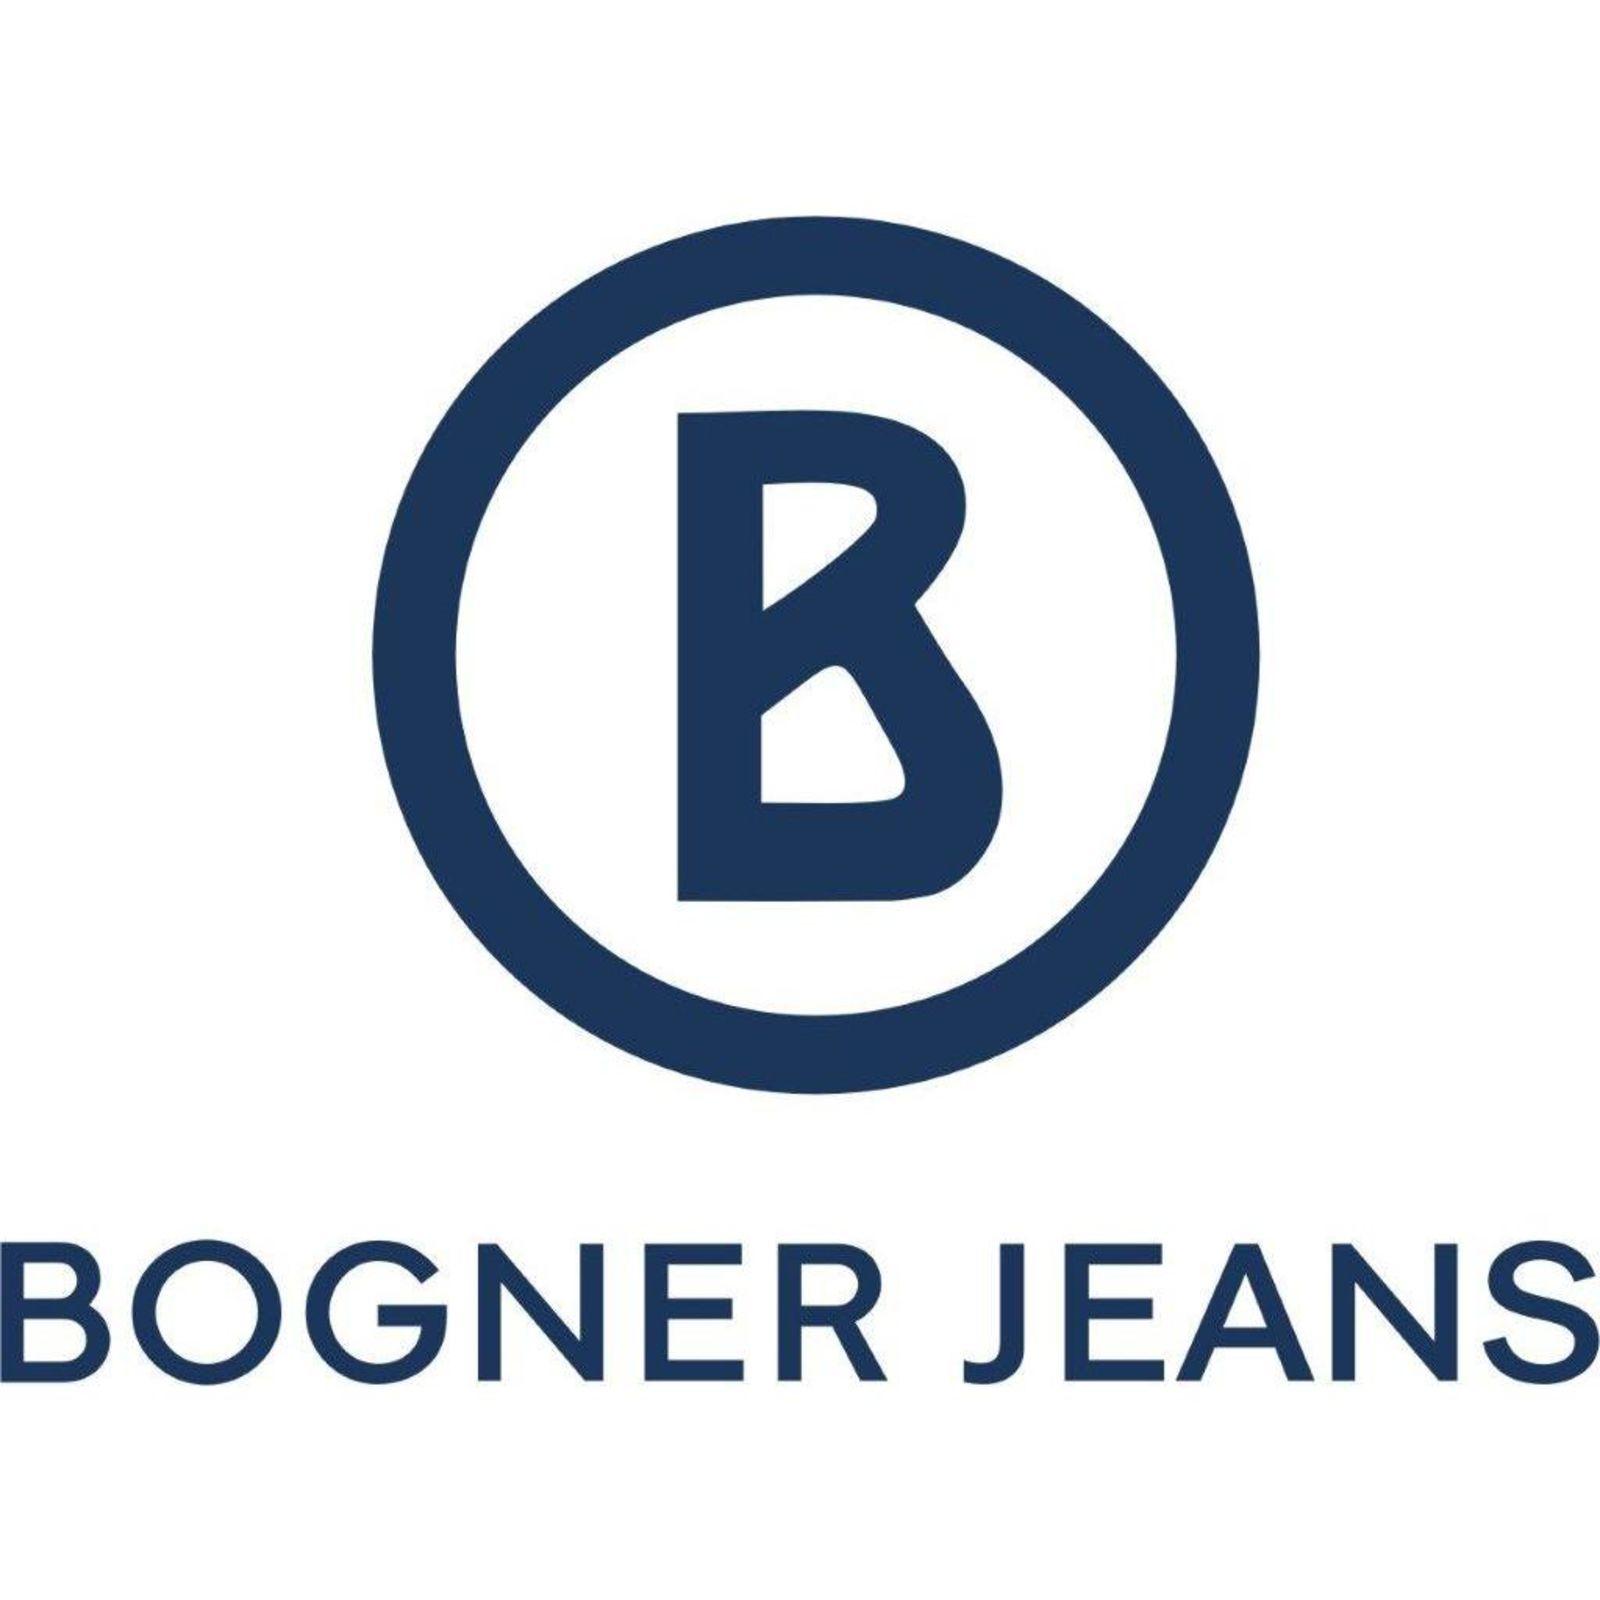 BOGNER Jeans (Image 1)